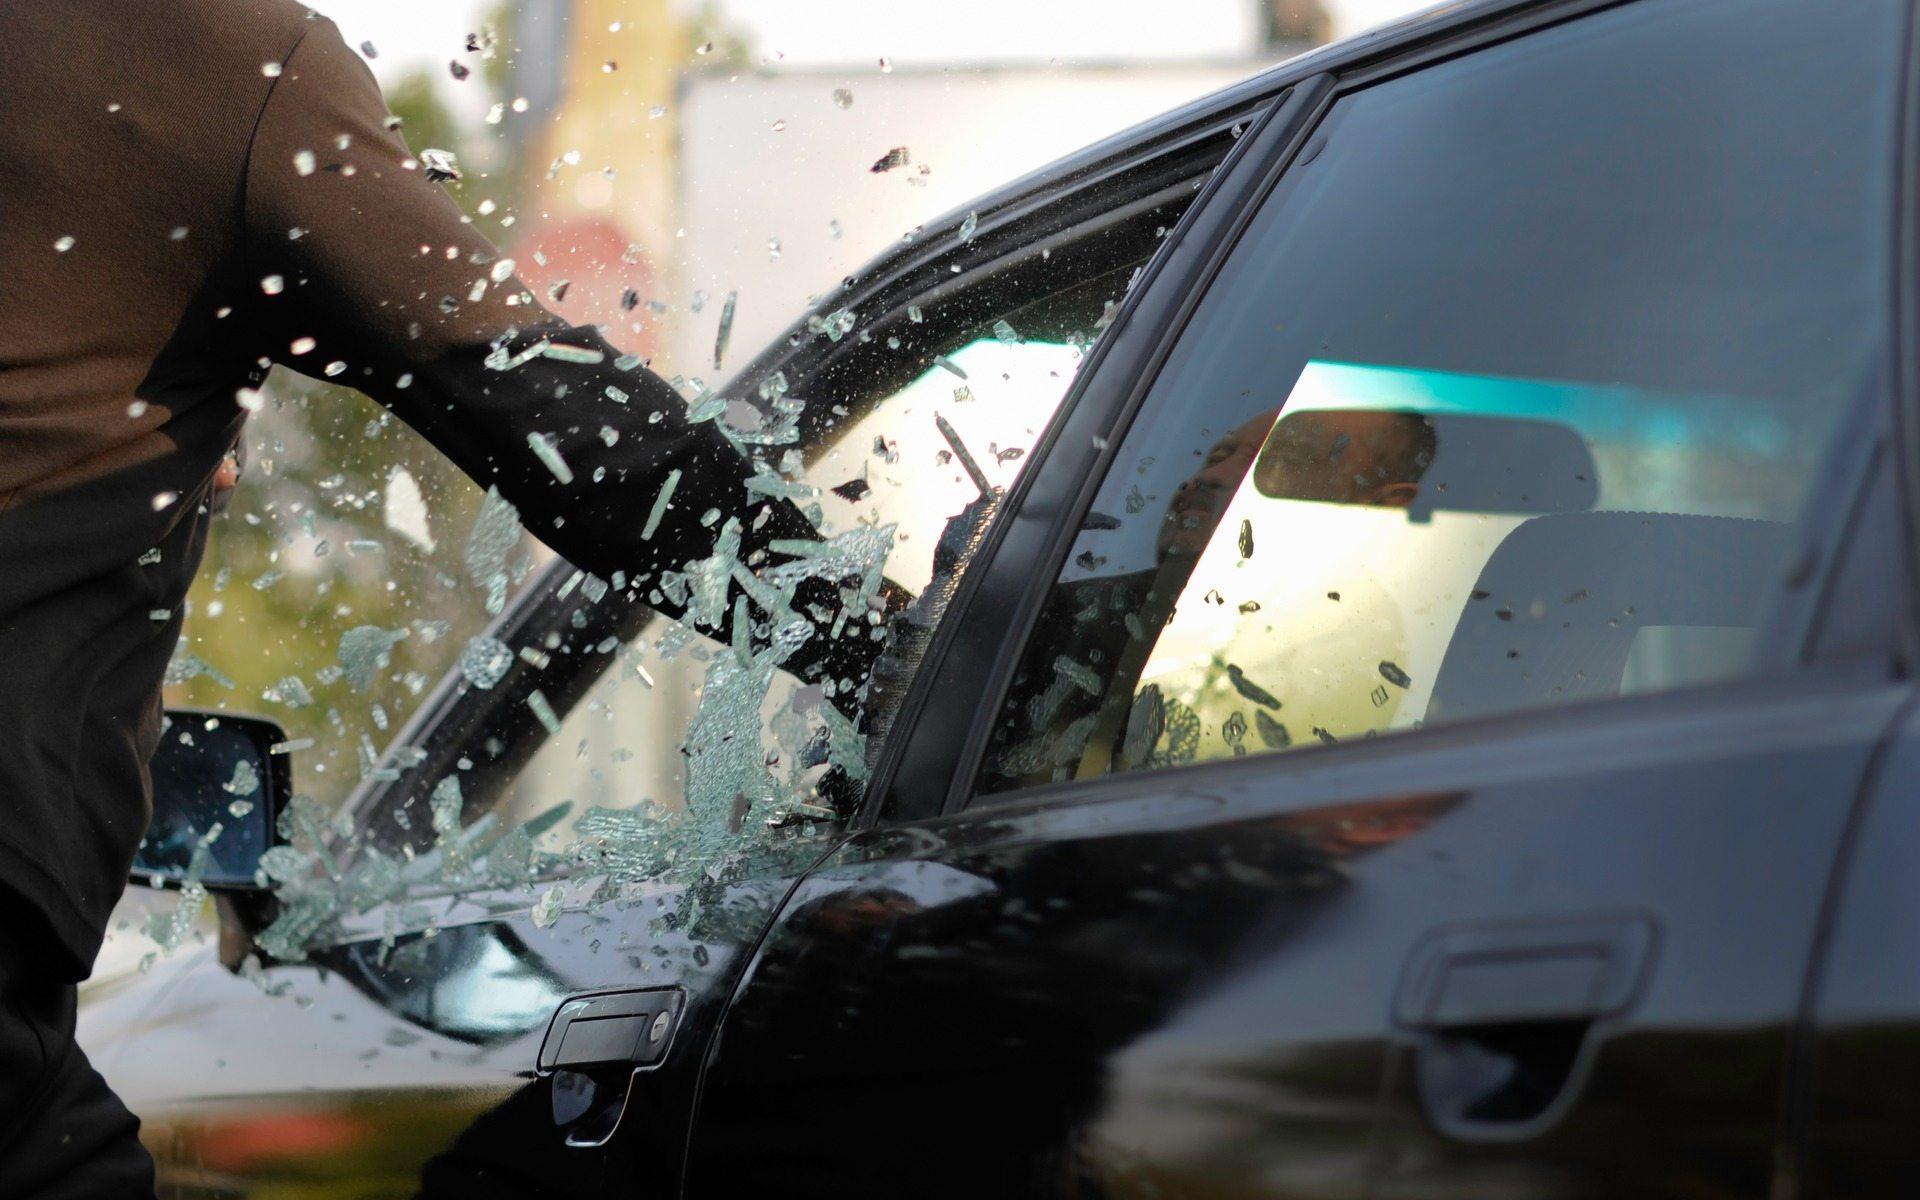 В Херсоне суд обязал мужчину заплатить женщине за повреждение автомобиля